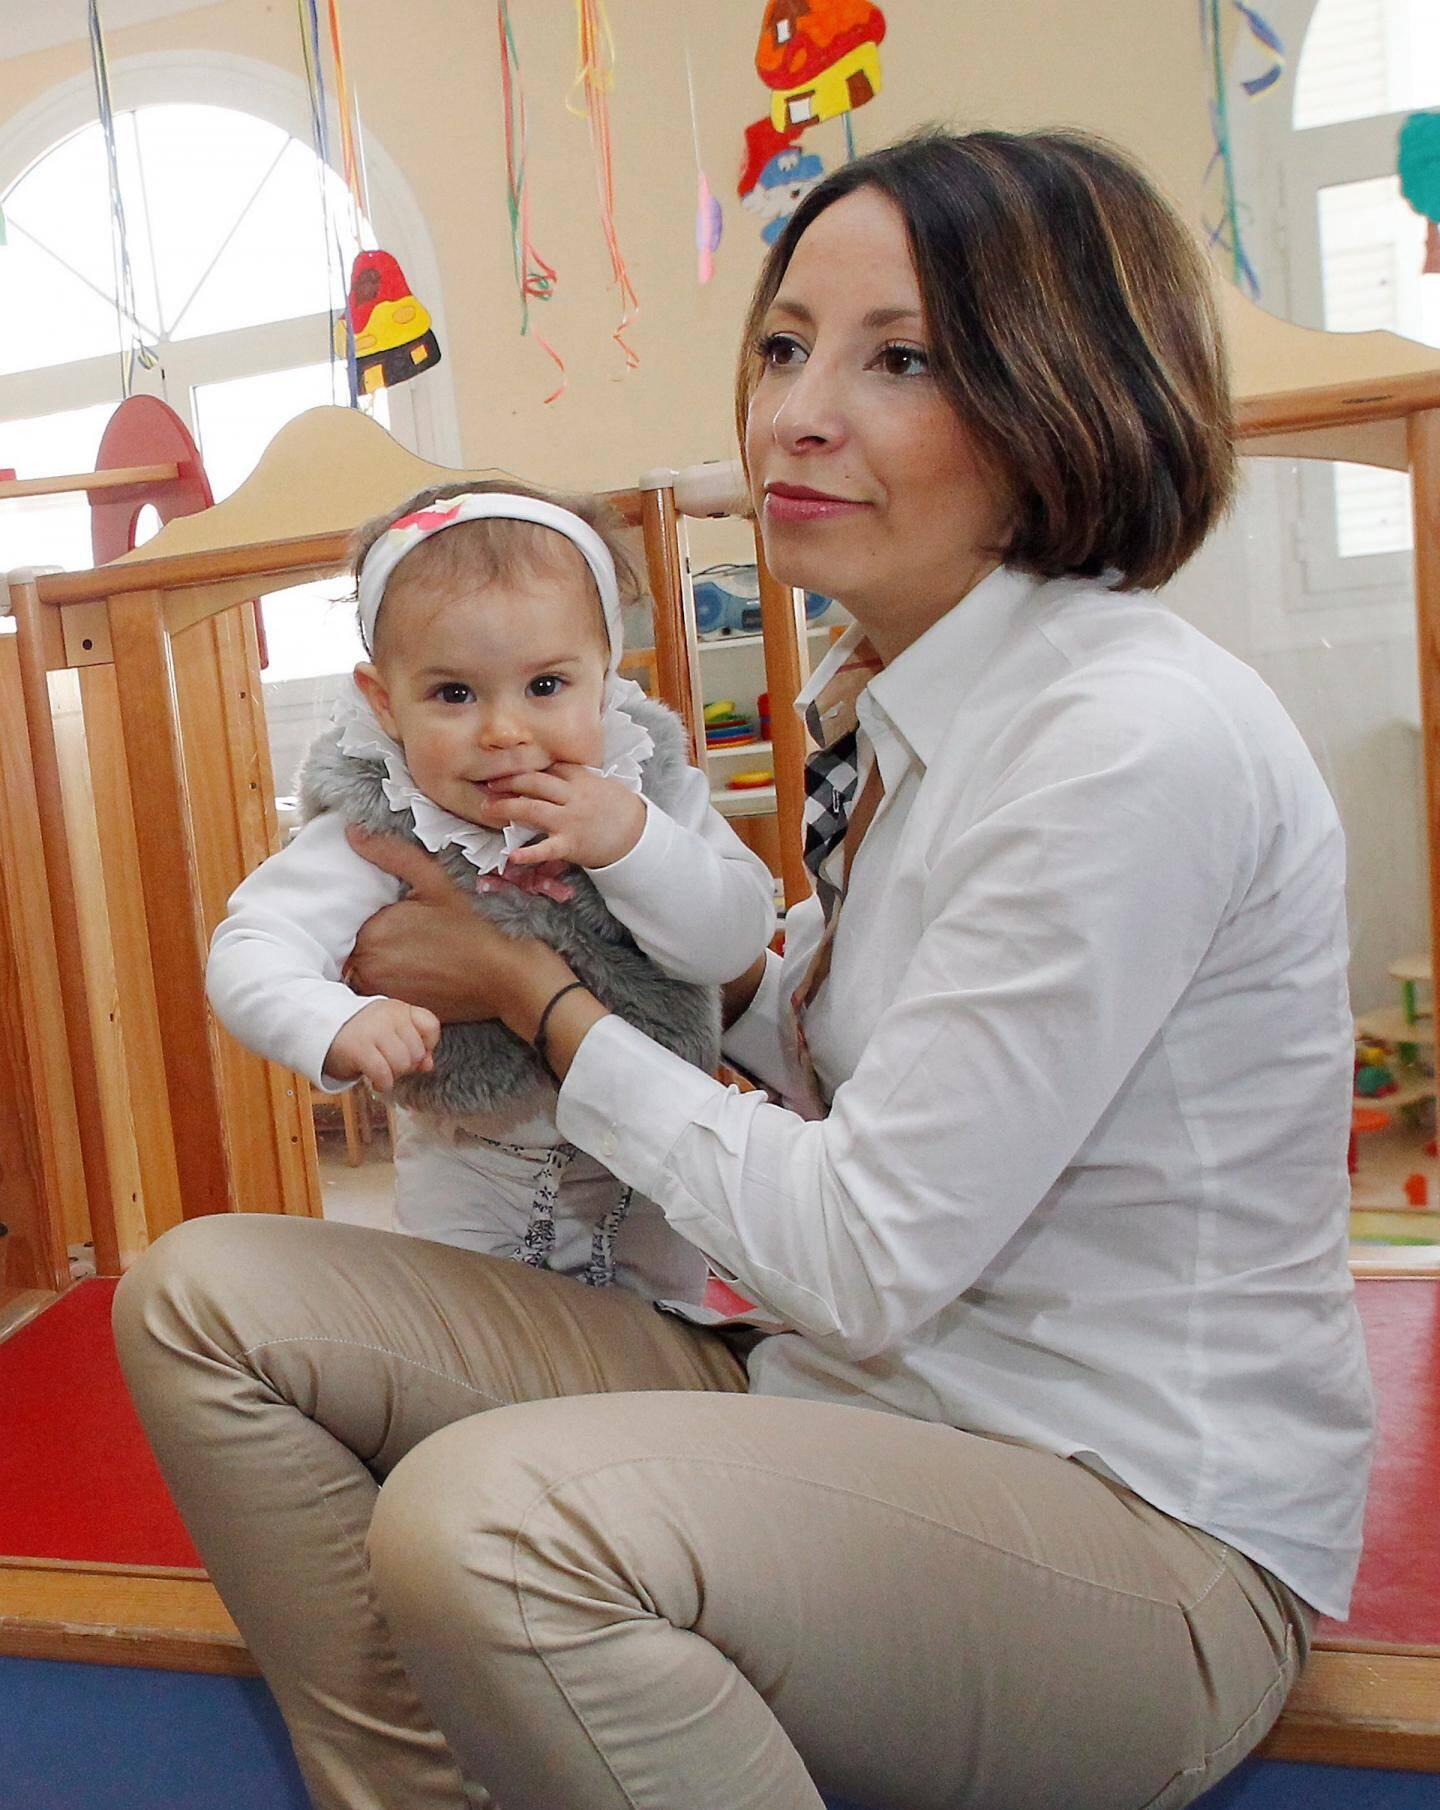 Sofia a repris sereinement le travail après être allée à l'espace parents lorsque Victoria avait 2 mois.